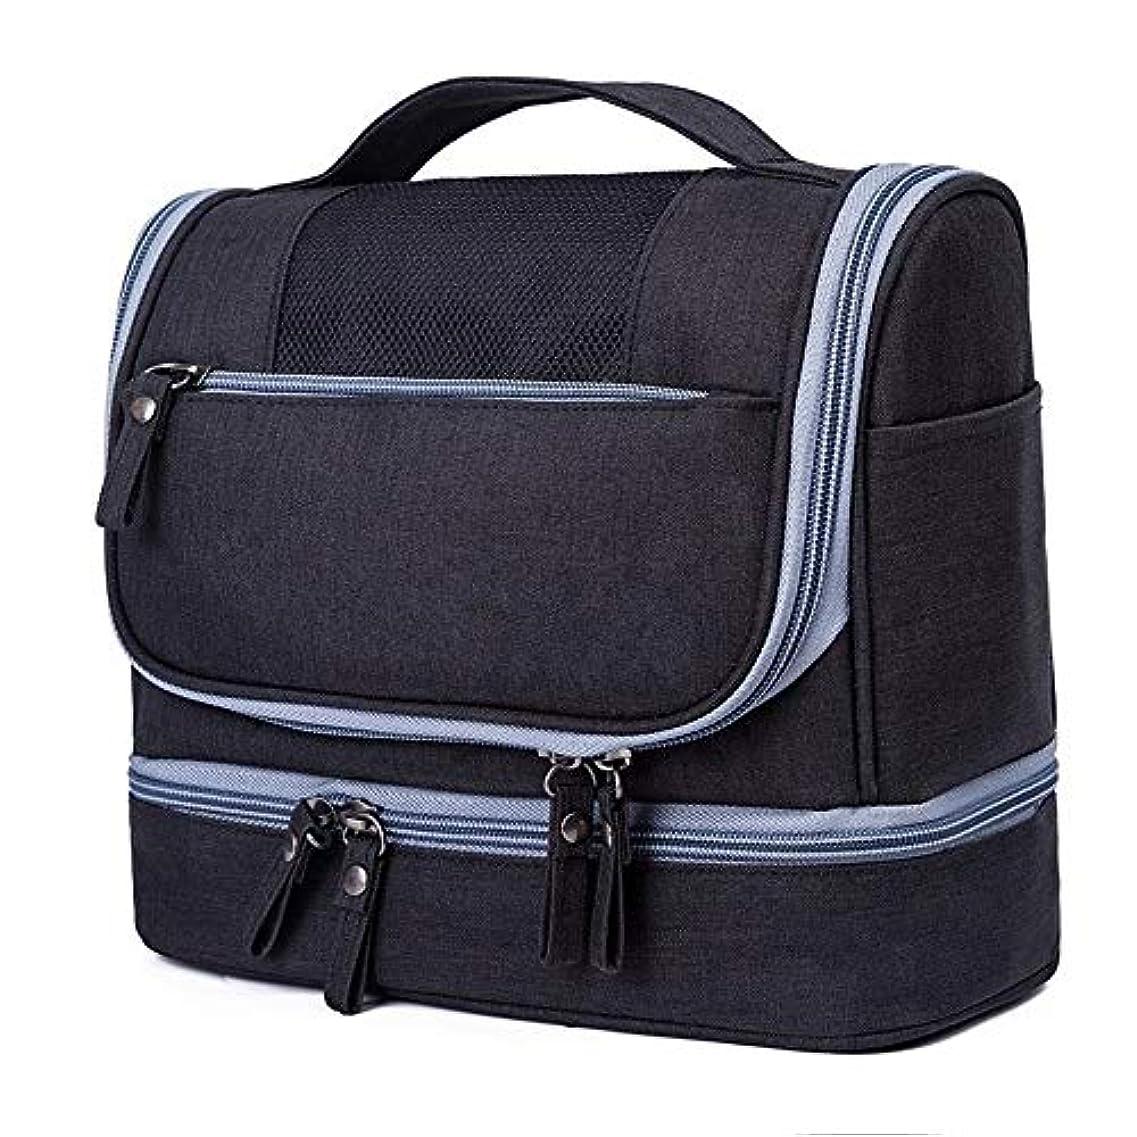 タール嫉妬彼は防水二層旅行化粧品セット男性と女性のポータブル化粧品袋の美しさバッグ収納ボックスキャリングケース (Color : Black)